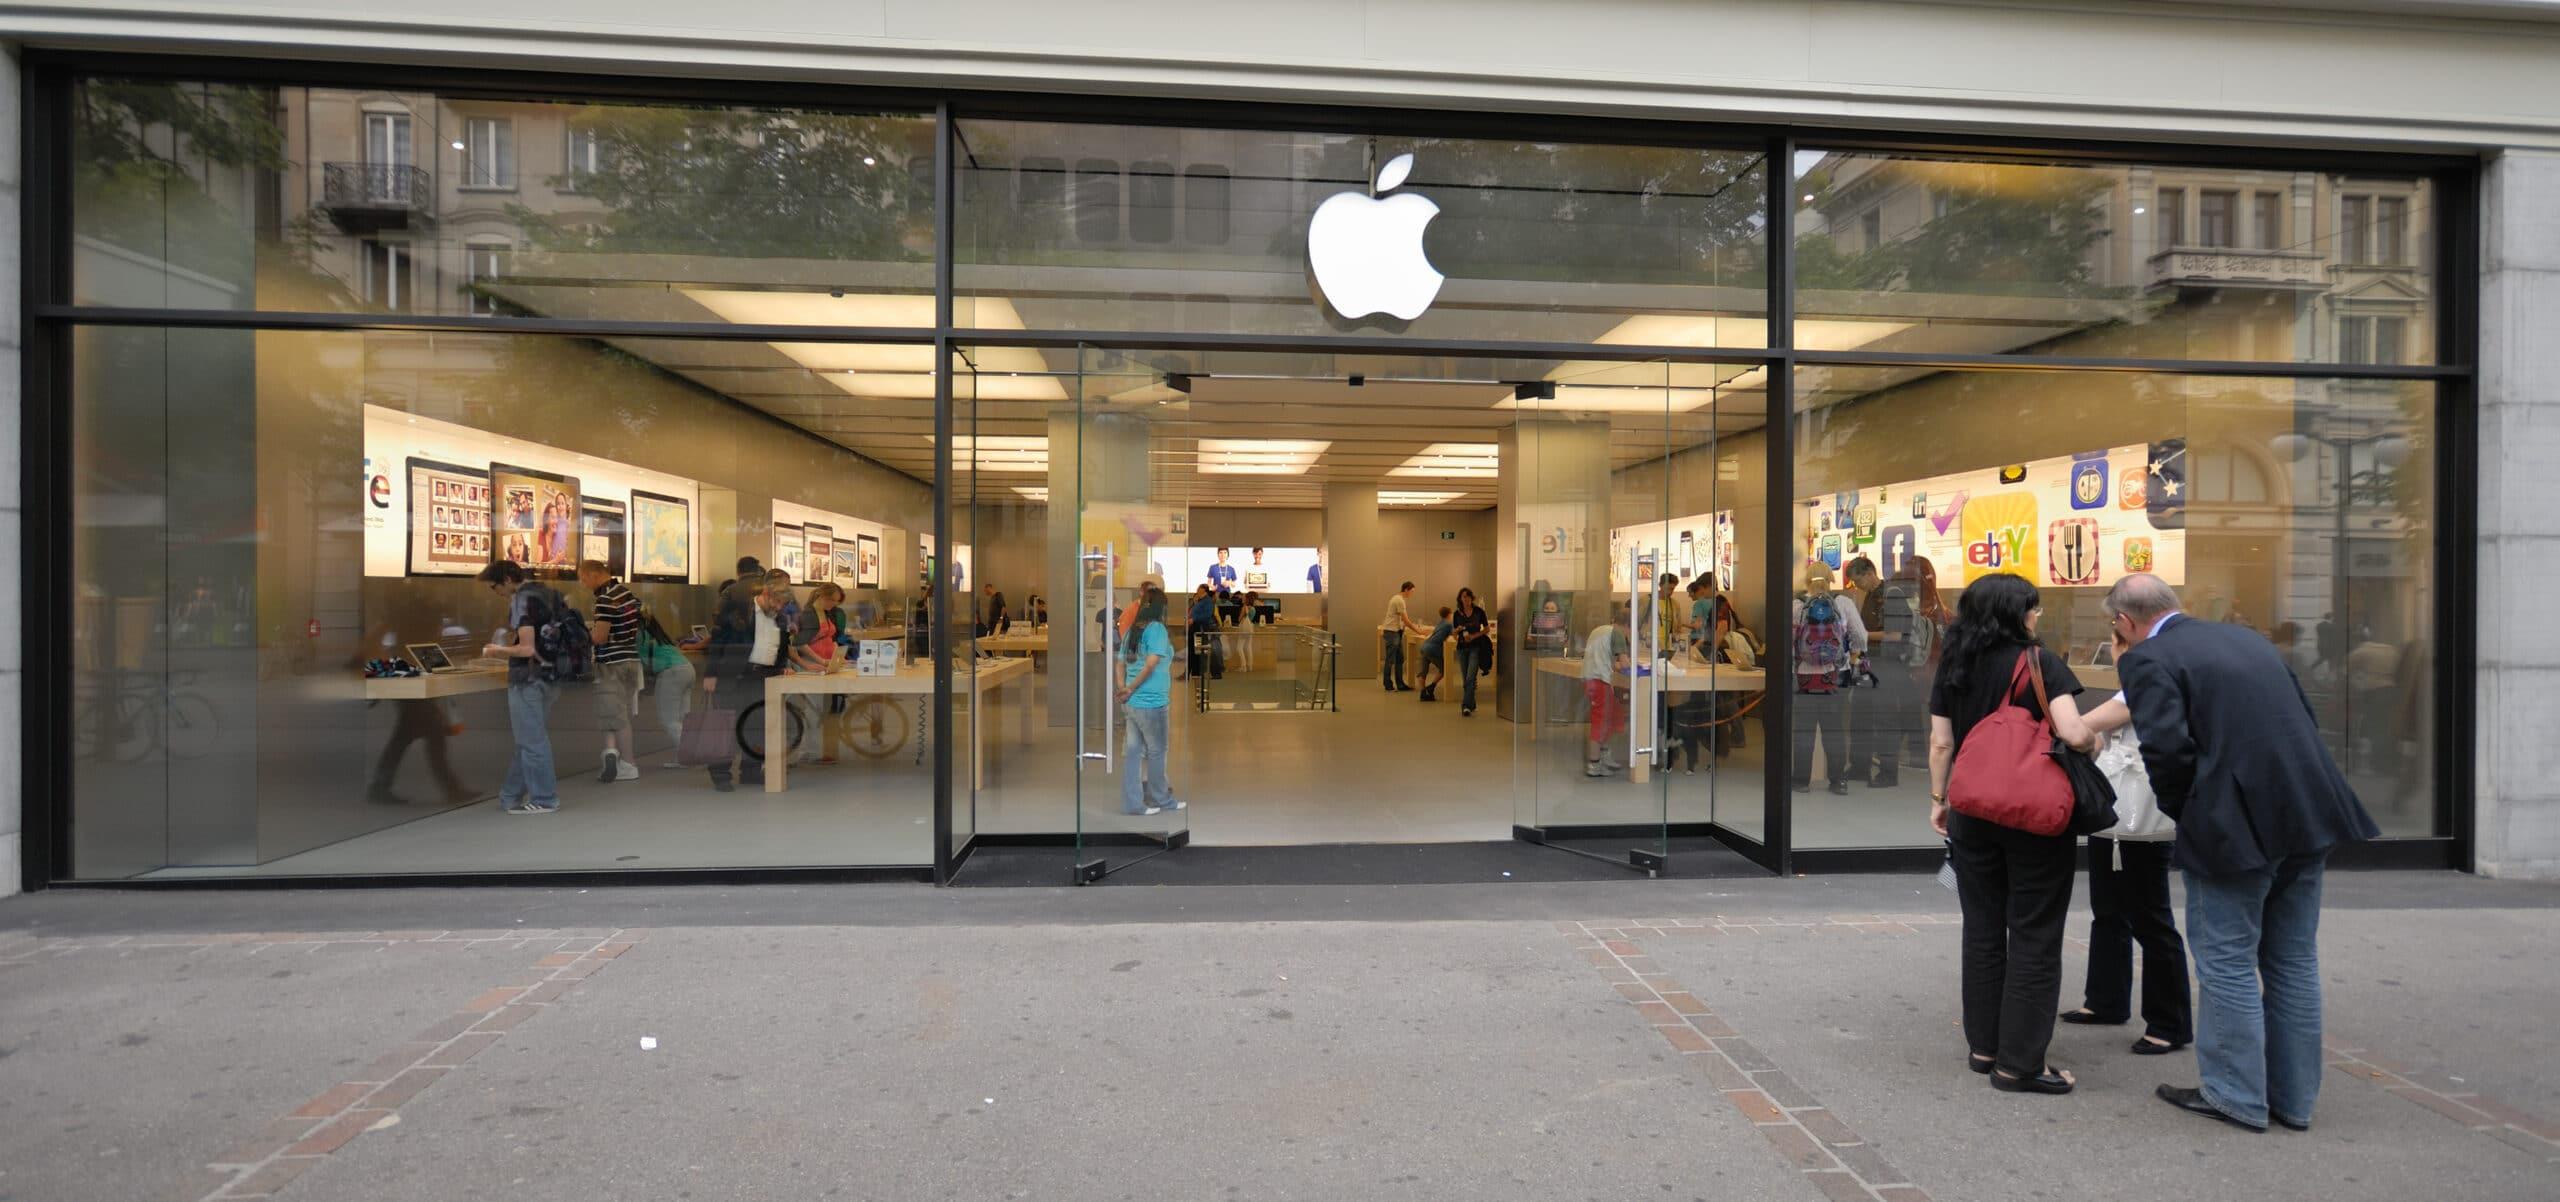 Apple_Store_Bahnhofstrasse_77,_Zürich_(2009)